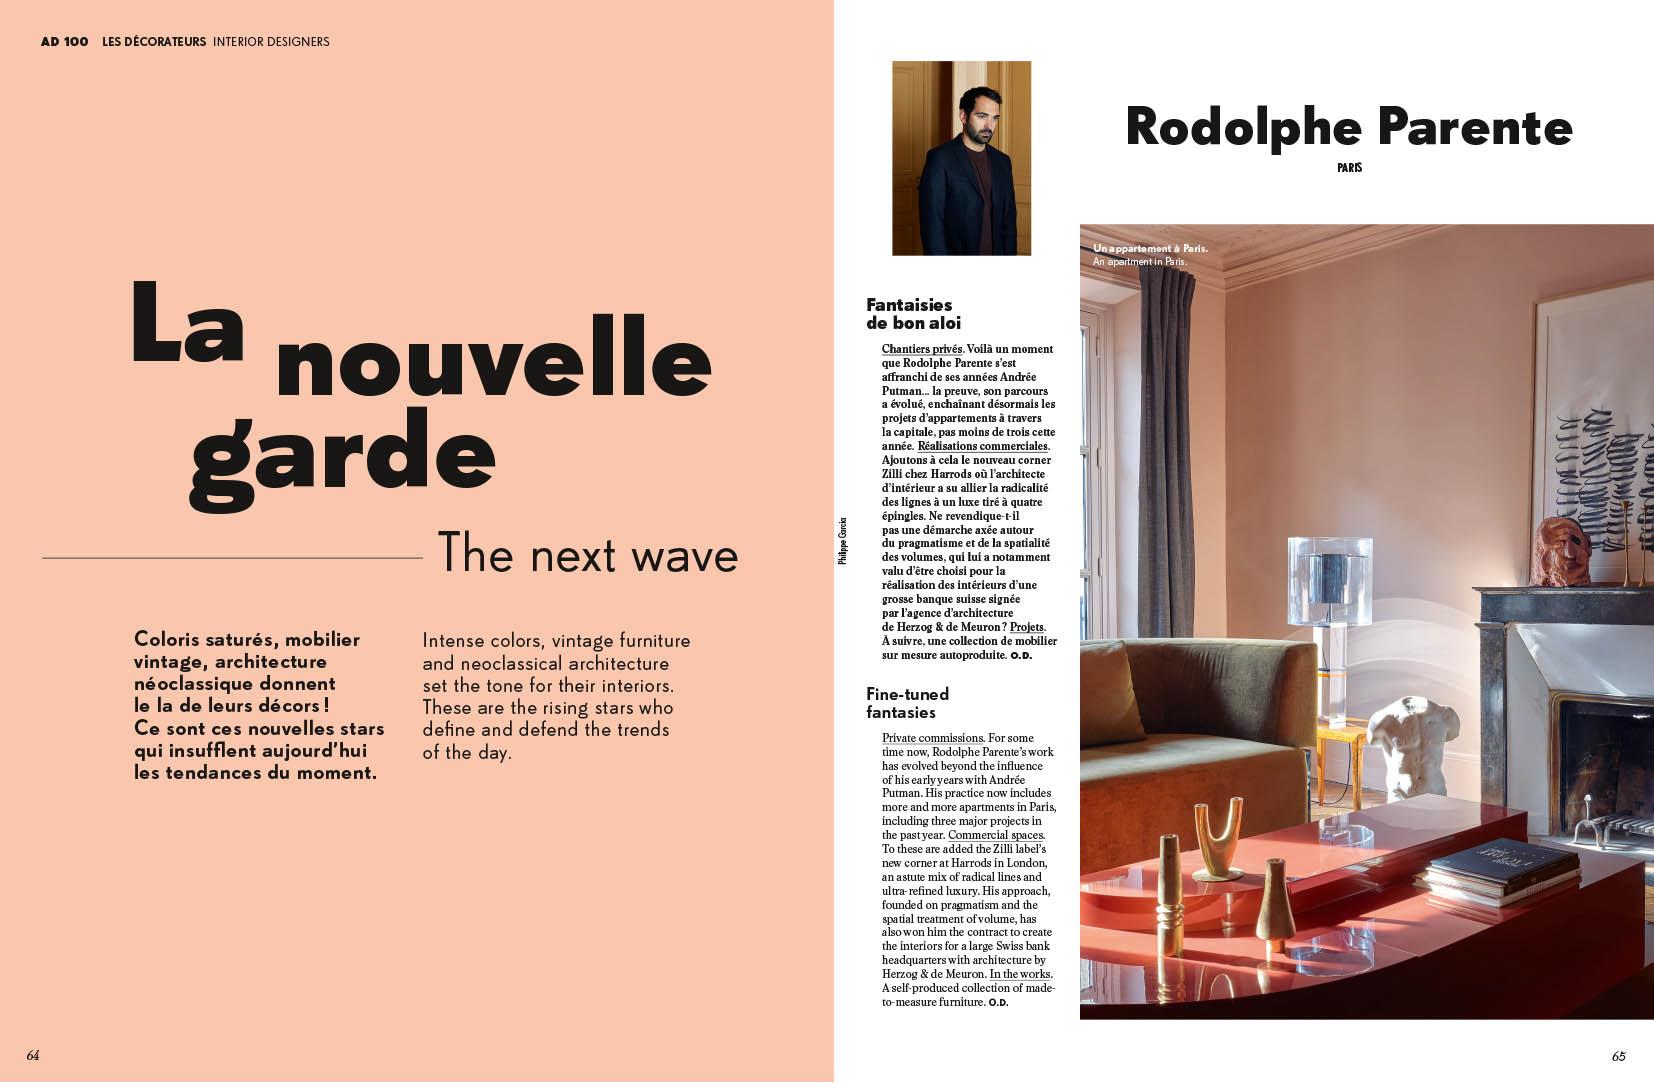 Rodolphe-Parente-AD-Collector-2020-01